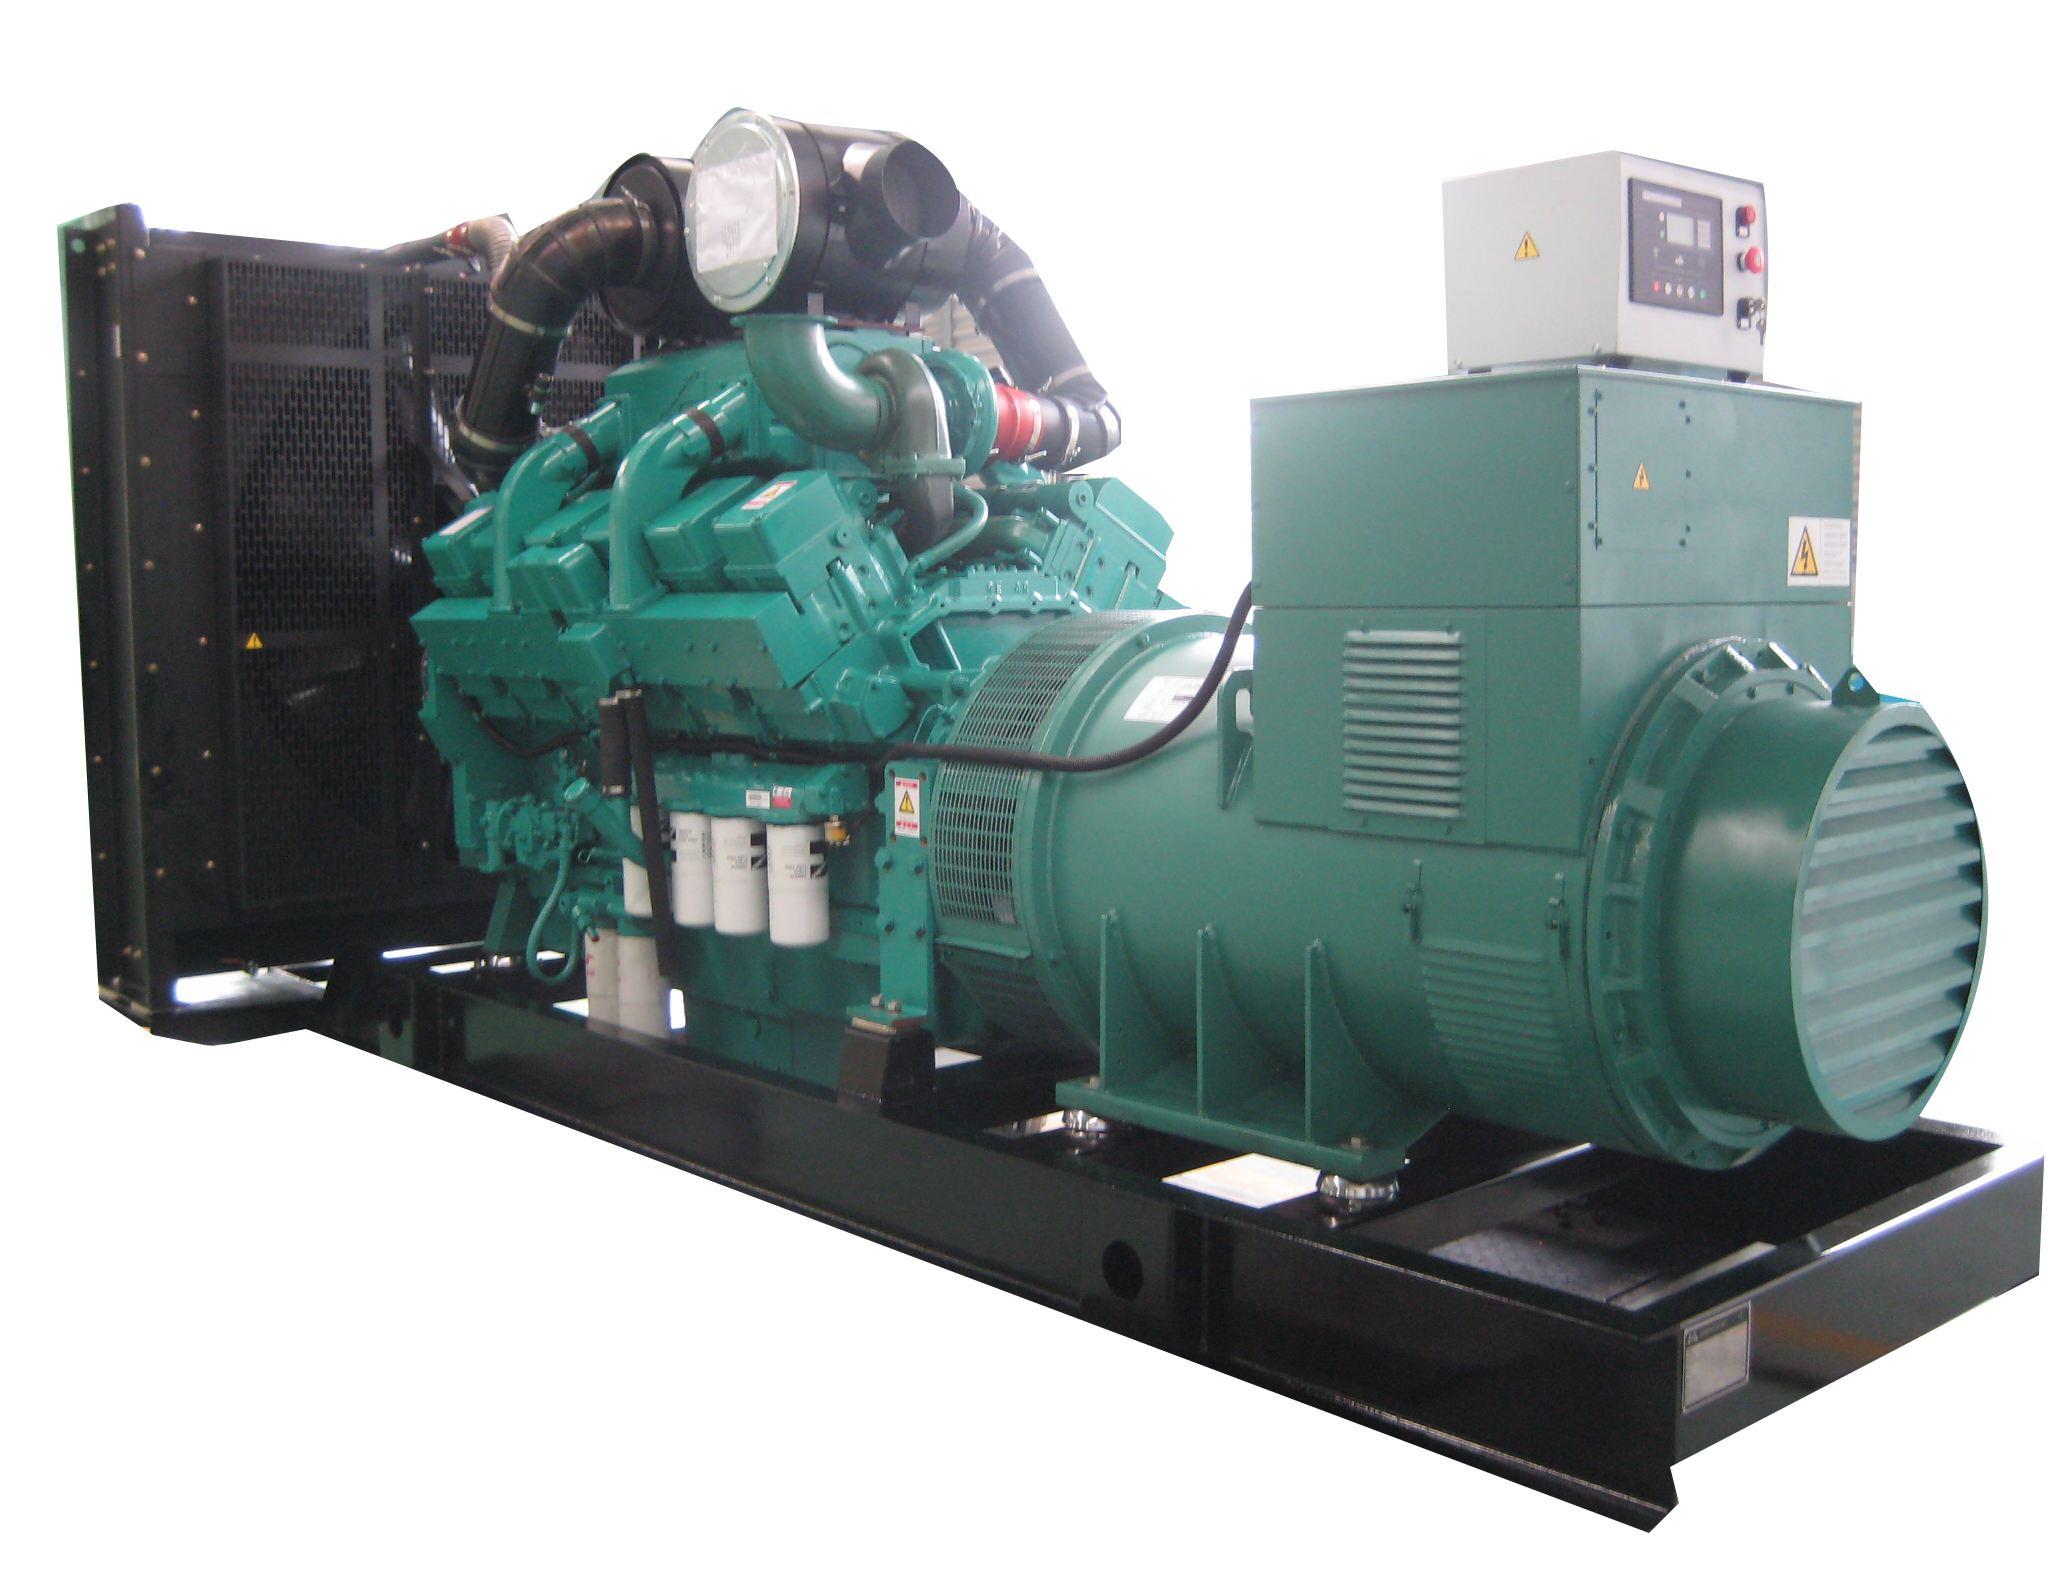 玉柴200kw柴油发电机组型号YC6MK350L-D20|奔马动力玉柴系列柴油发电机组-潍坊奔马动力设备有限公司